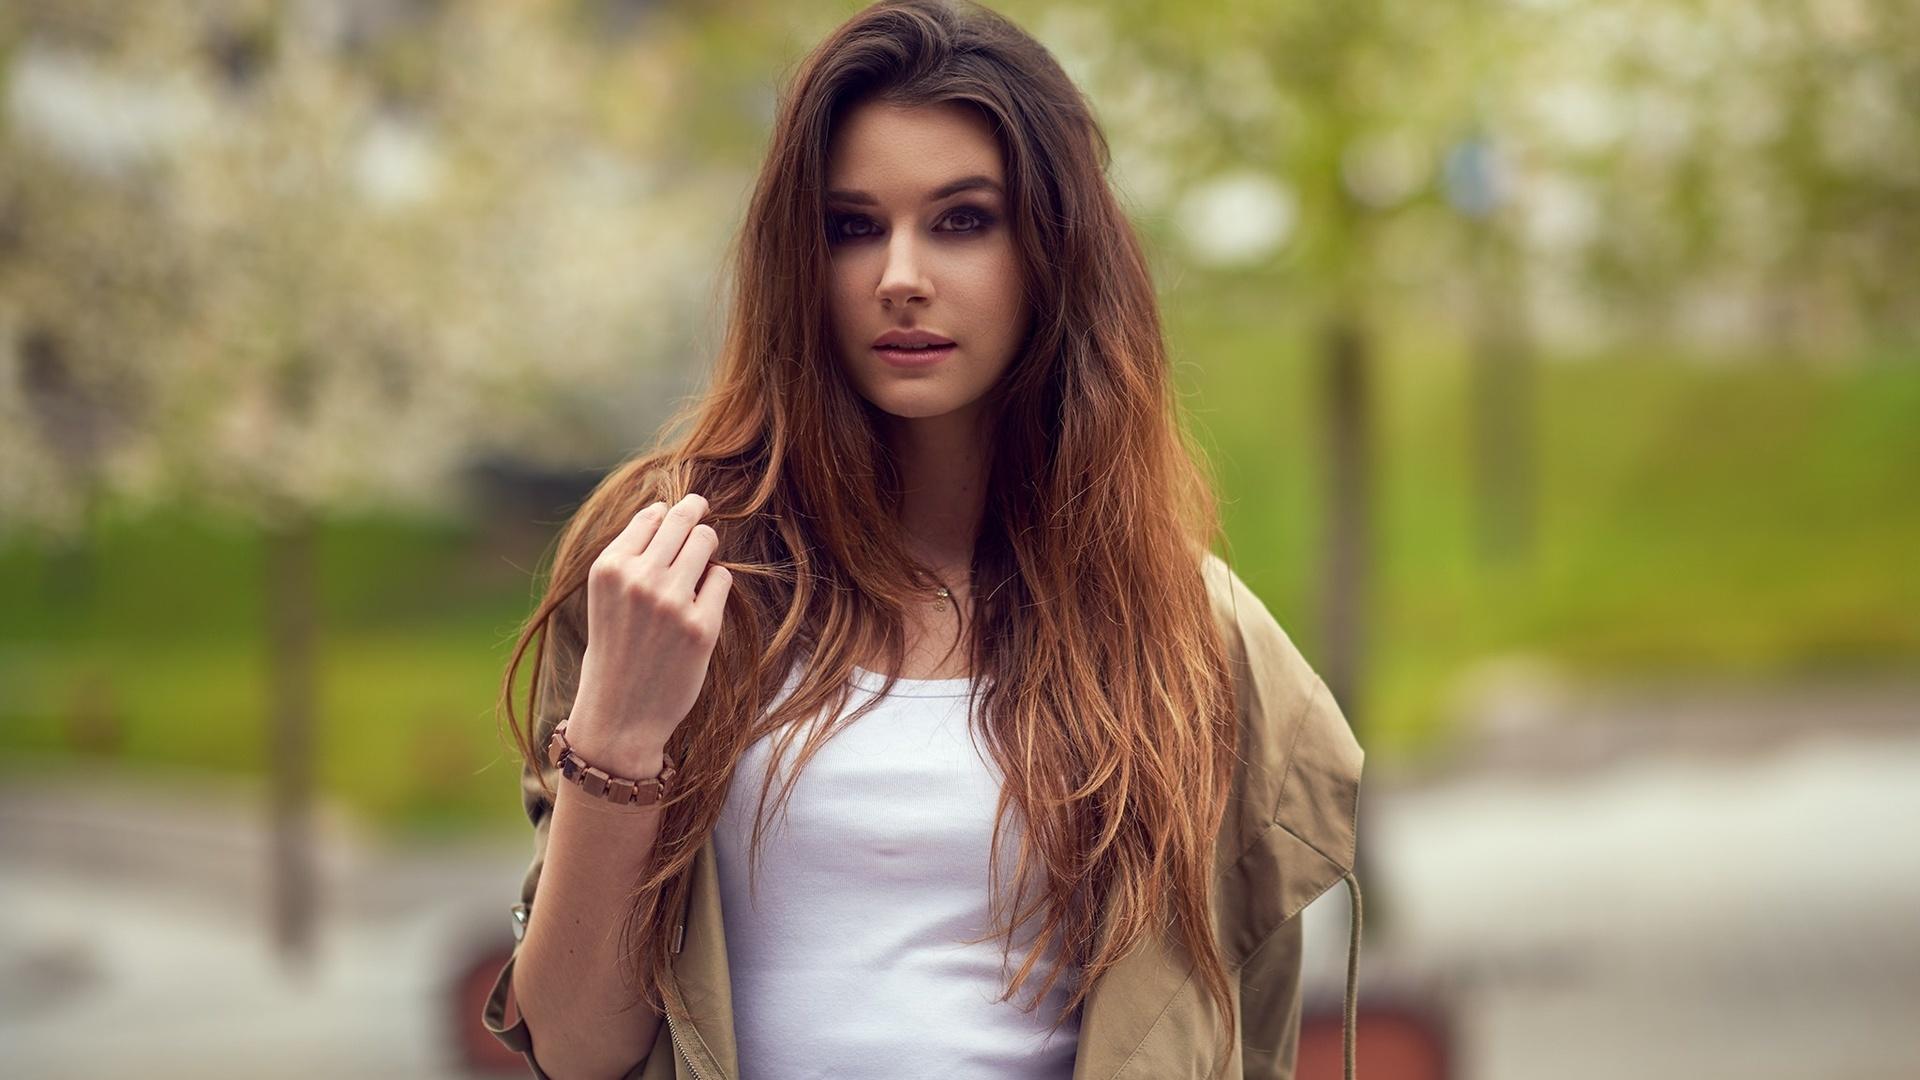 девушка, брюнетка, модель, взгляд, ariel grabowski, длинные волосы , портрет, sandra